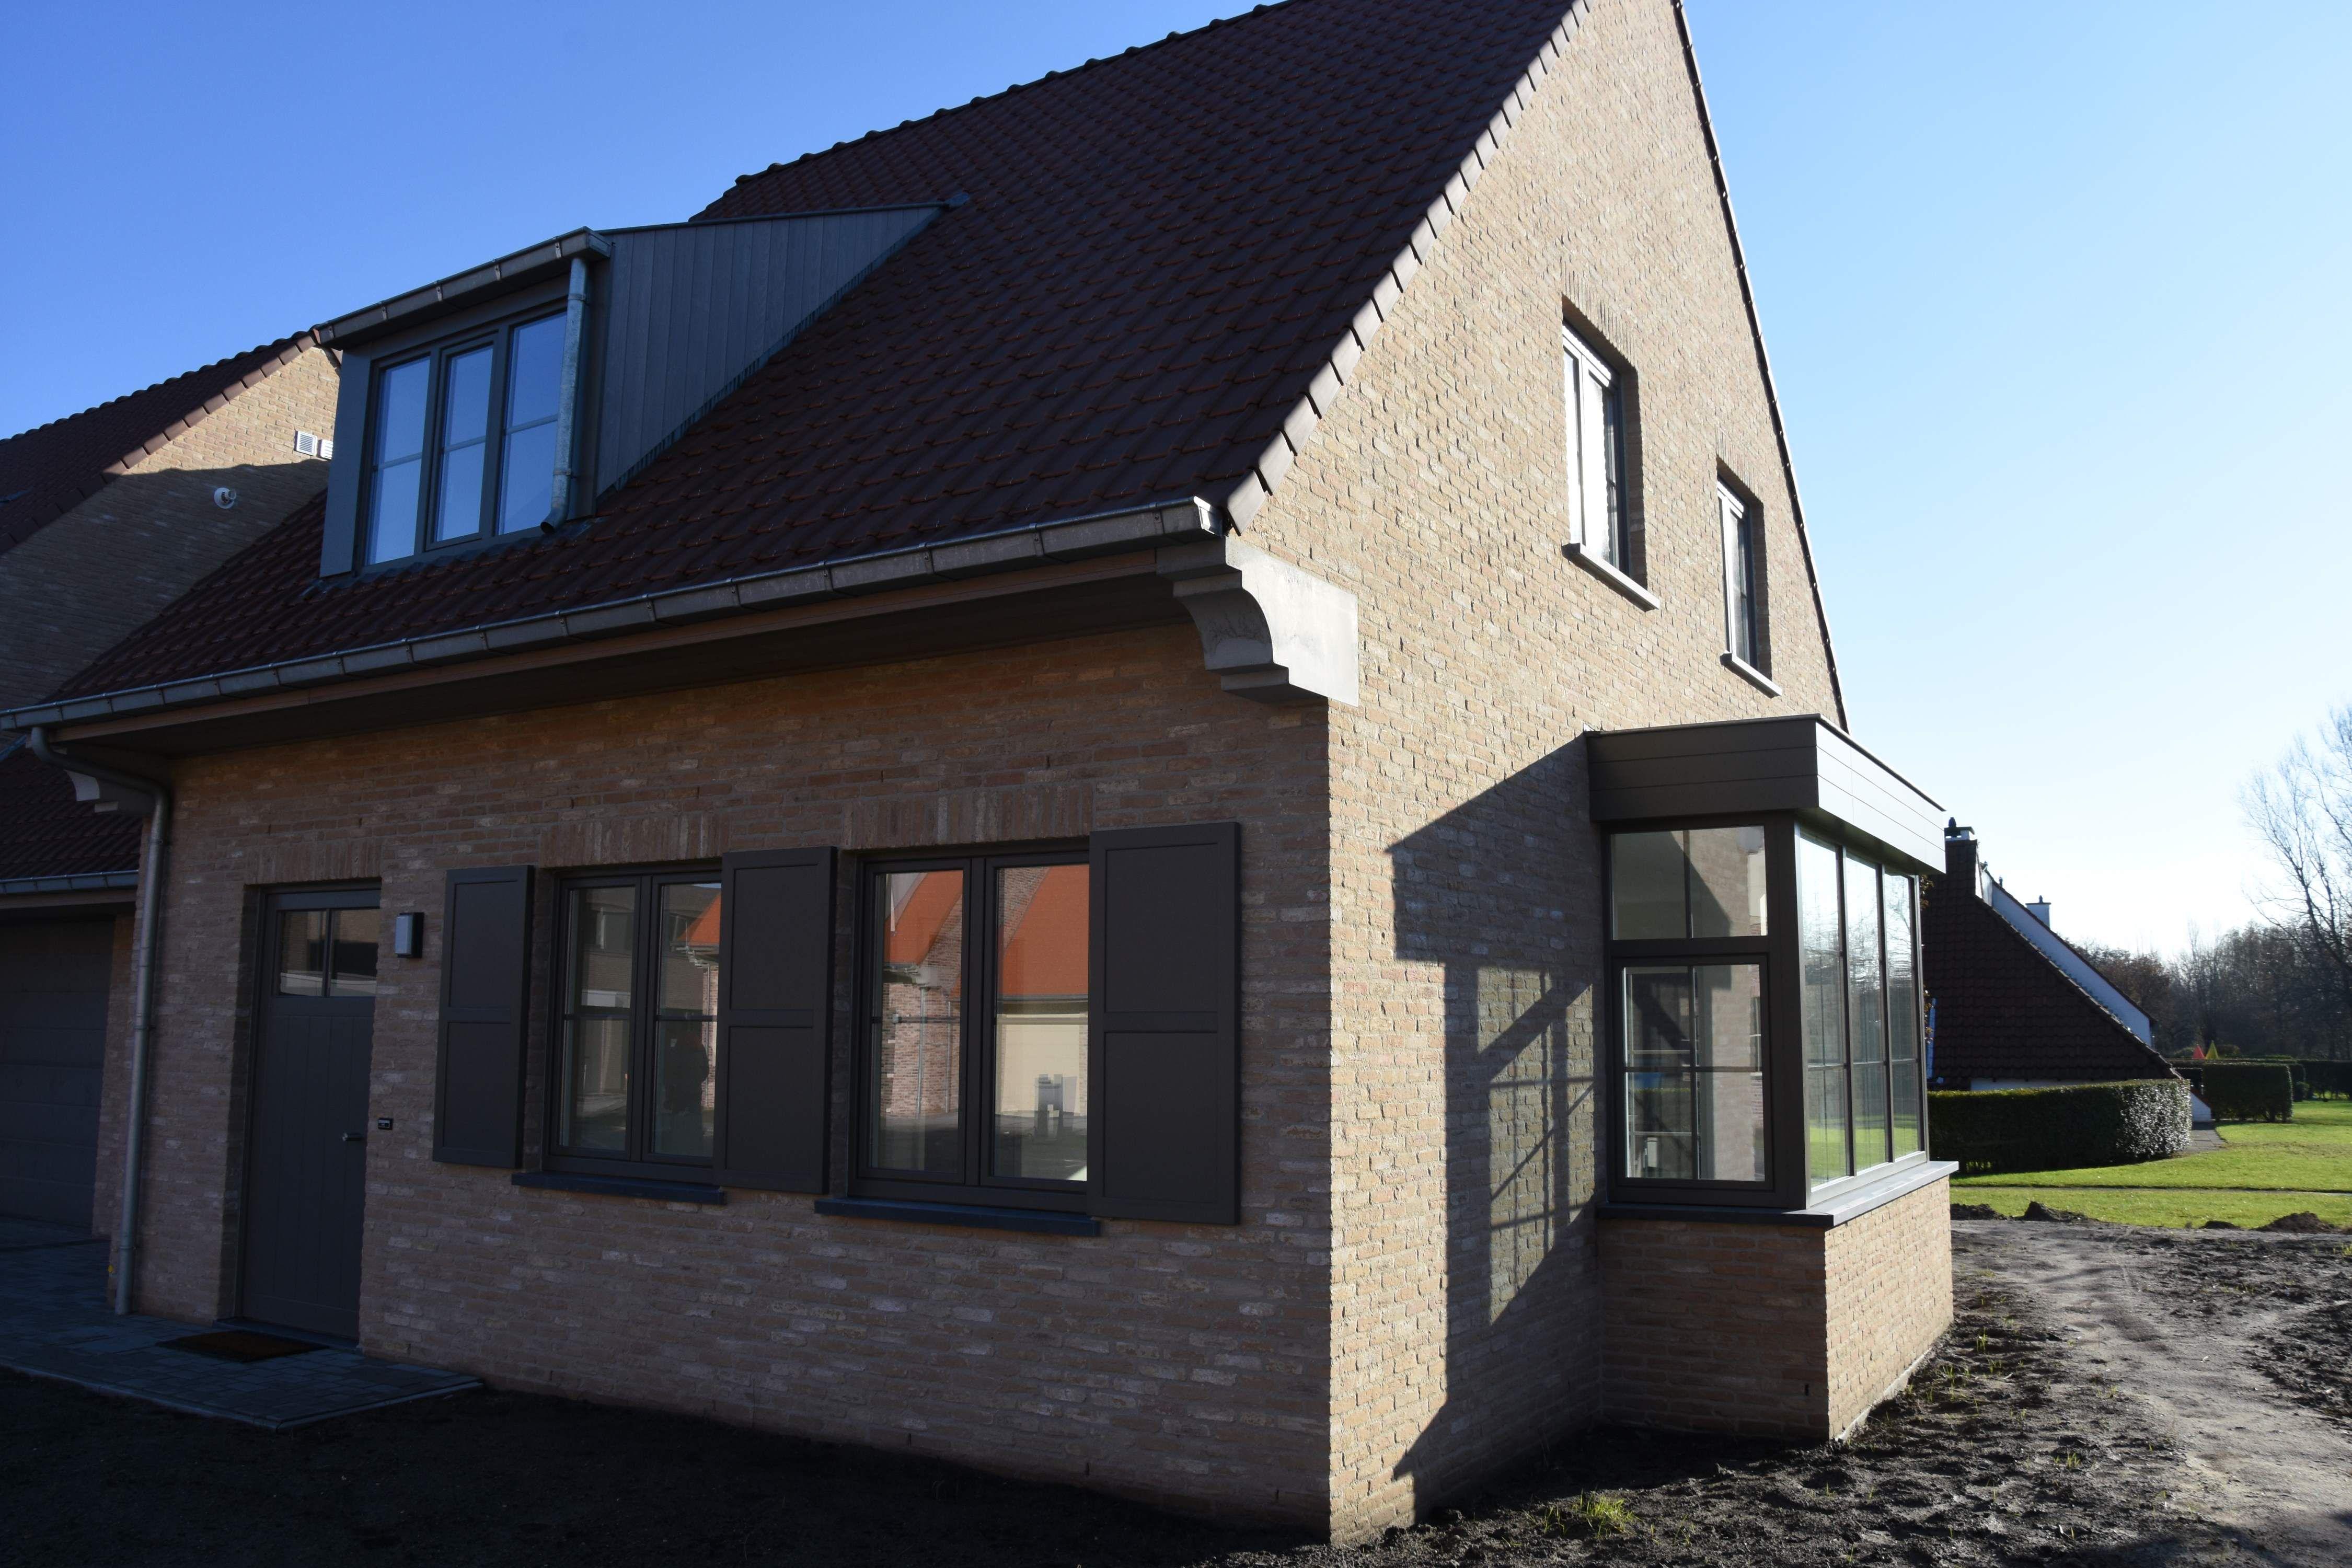 Nieuwbouw woning Gustaaf Buffelstraat Nieuwpoort - 8487